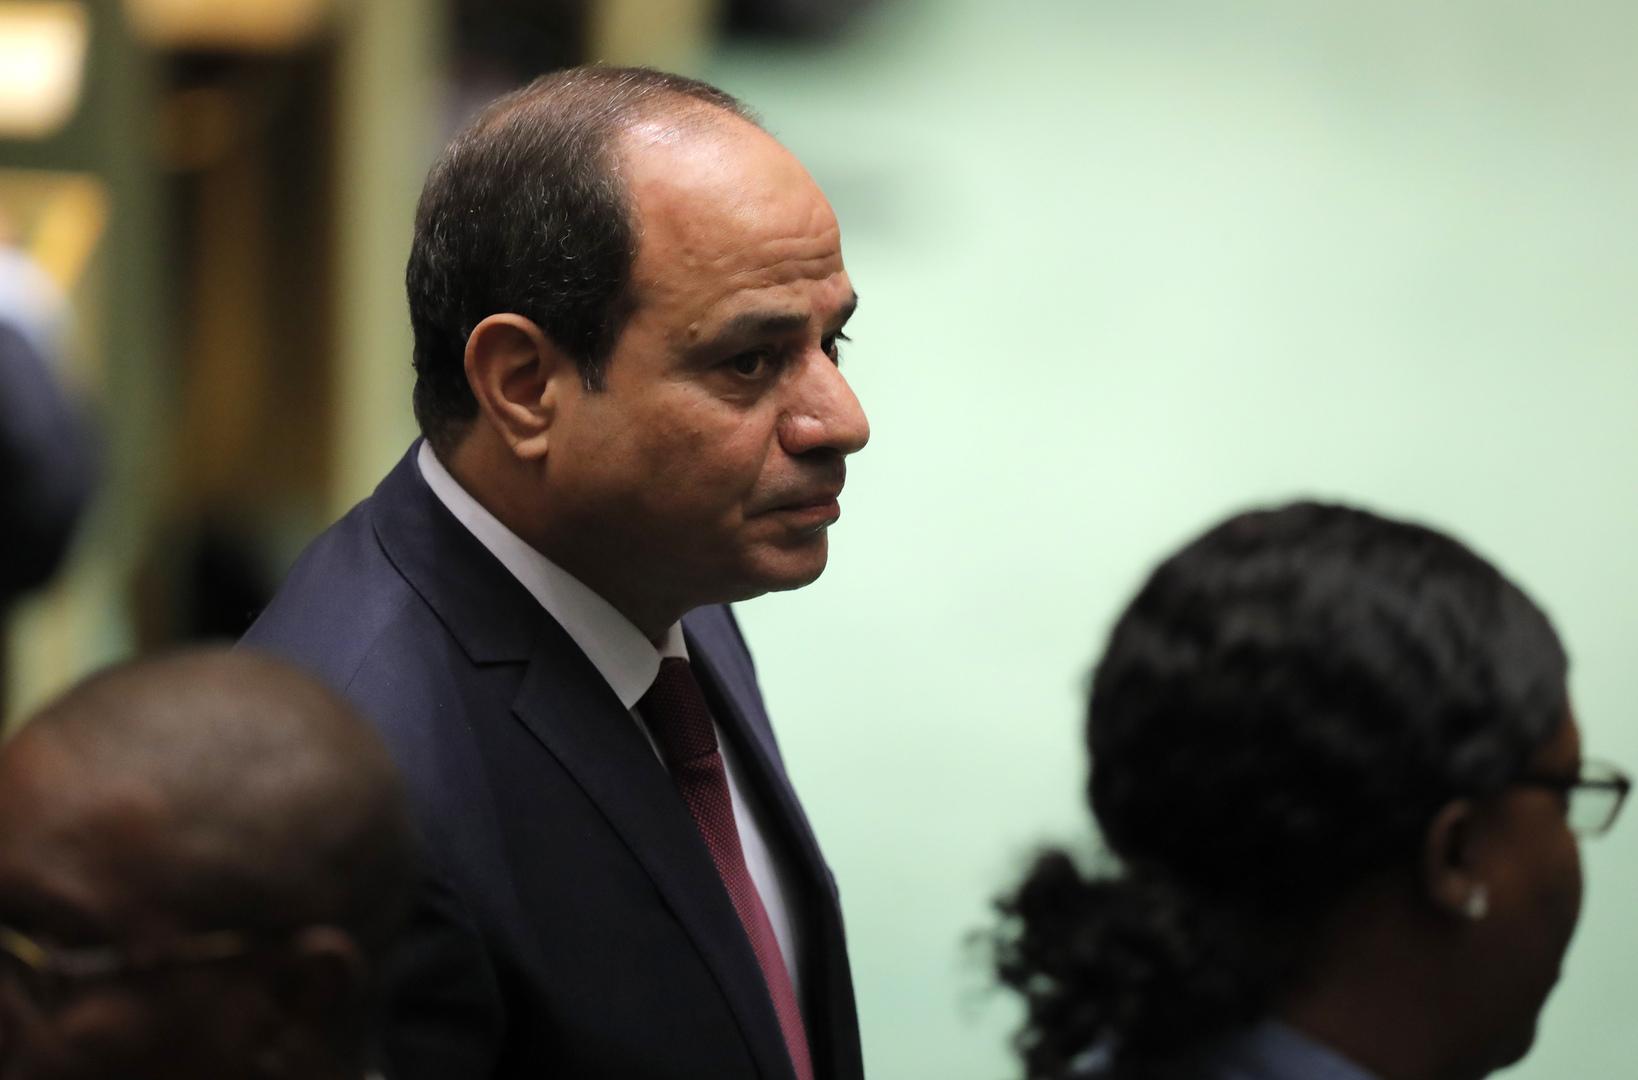 مصر.. السيسي يأمر الحكومة بمواجهة التحديات الناتجة عن أزمة فيروس كورونا